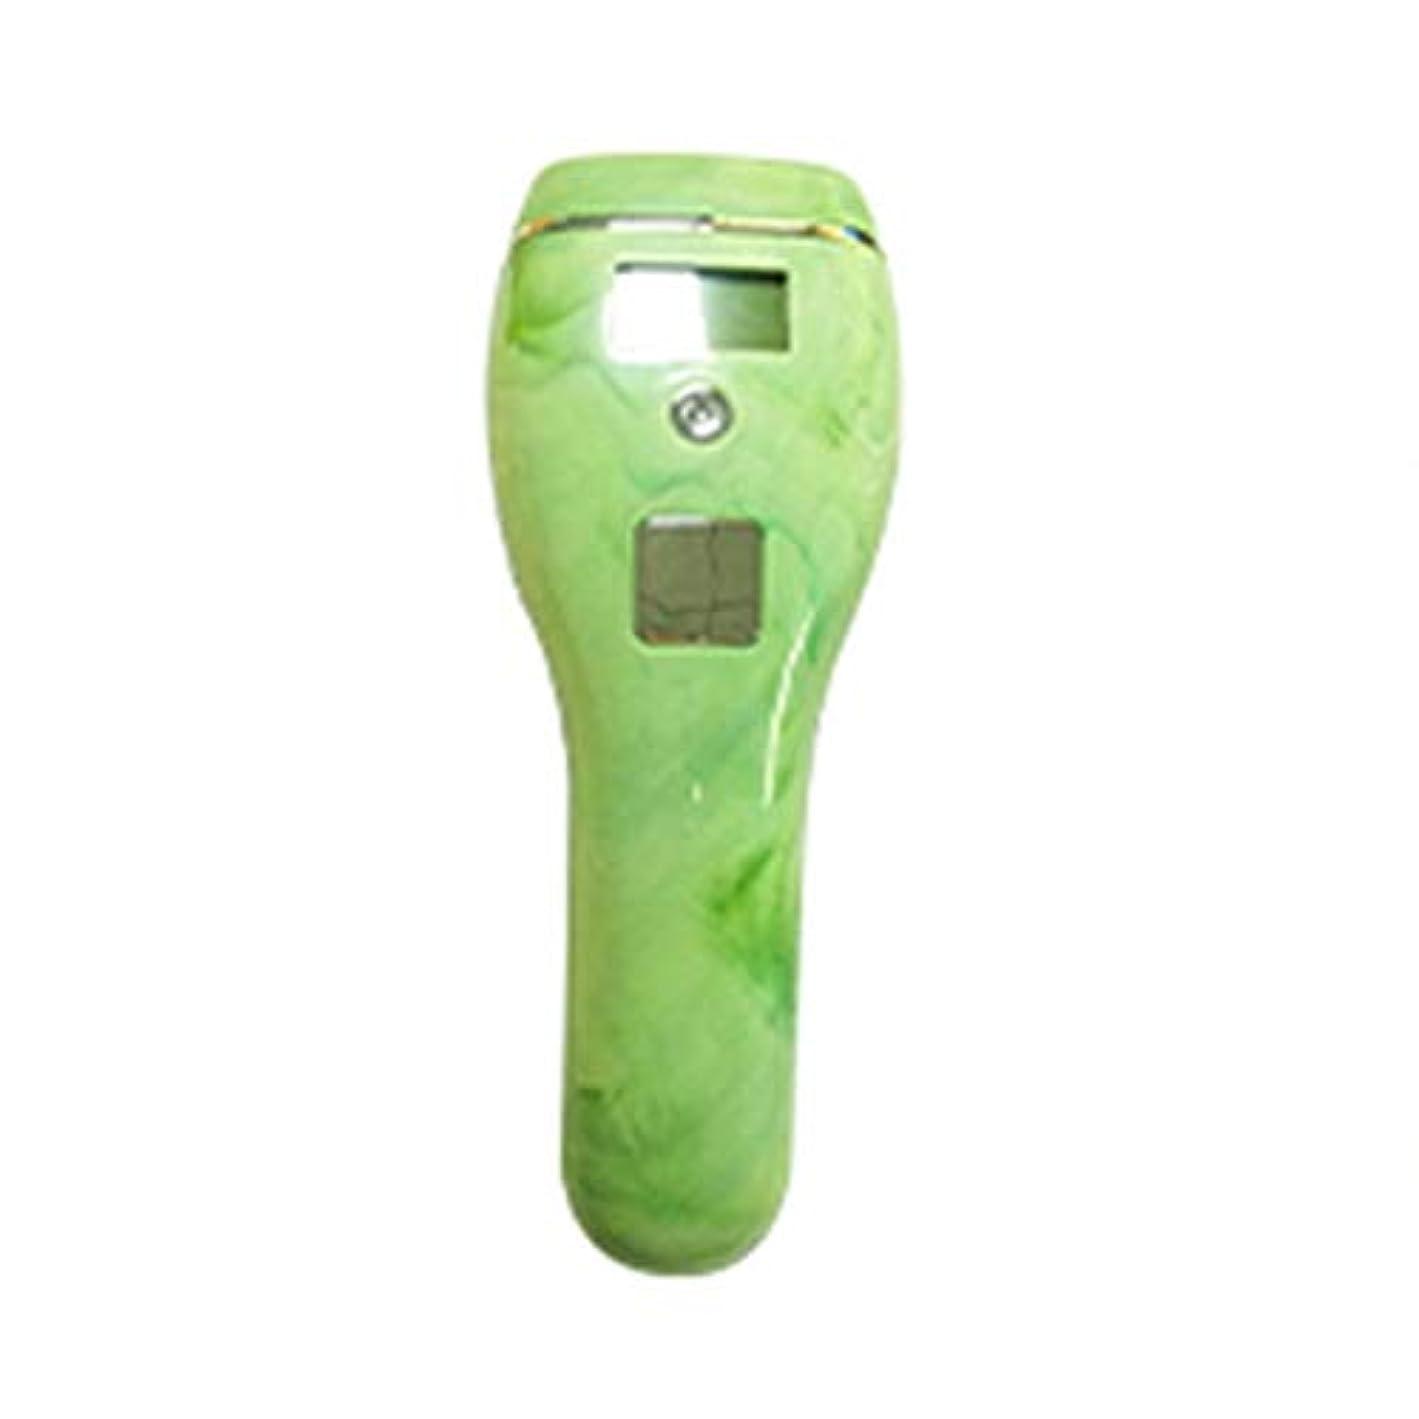 嬉しいですアーネストシャクルトン満員ダパイ 自動肌のカラーセンシング、グリーン、5速調整、クォーツチューブ、携帯用痛みのない全身凍結乾燥用除湿器、サイズ19x7x5cm U546 (Color : Green)